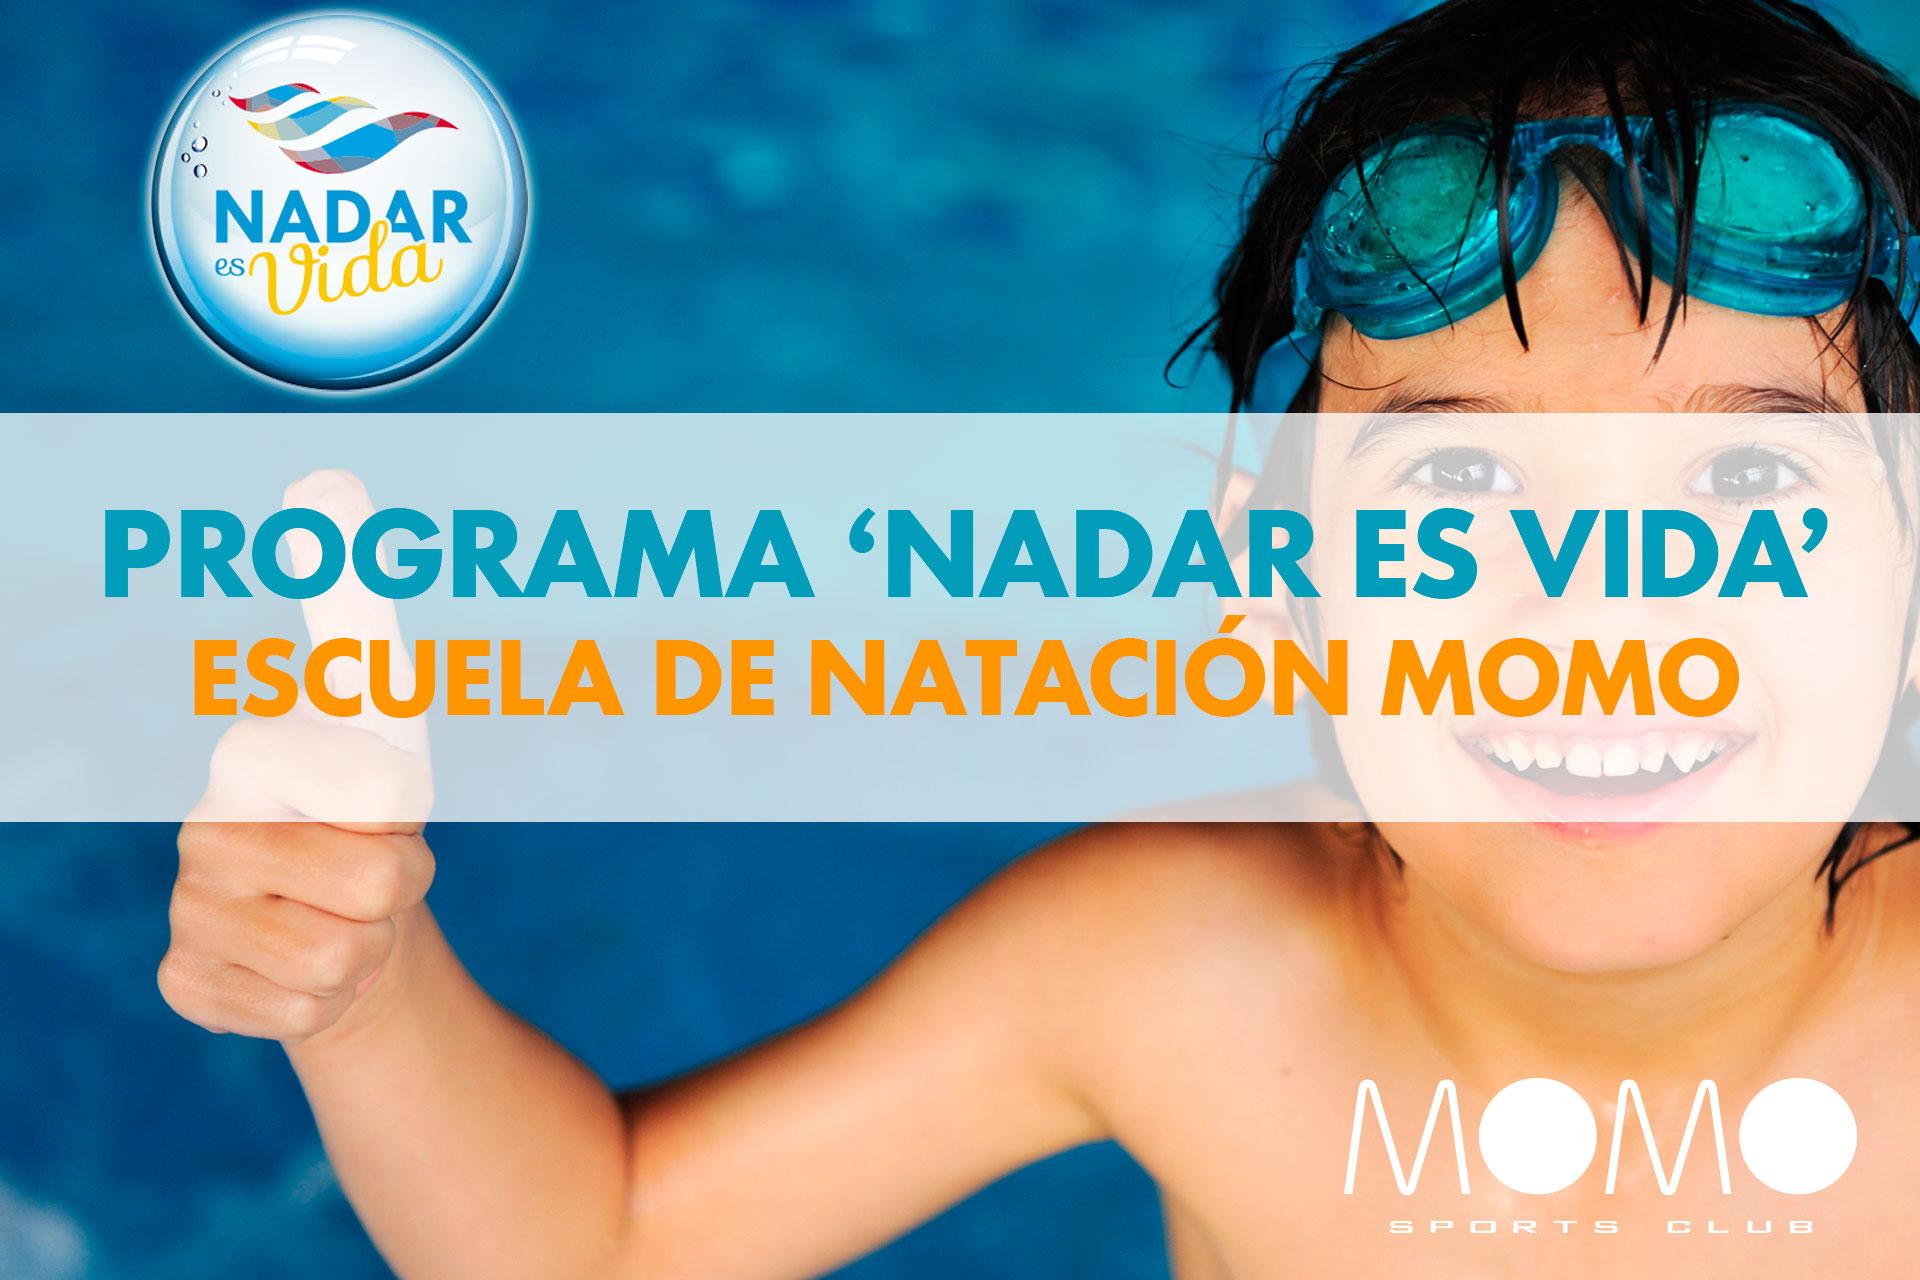 La escuela de natación MOMO se adhiere al programa Nadar es Vida